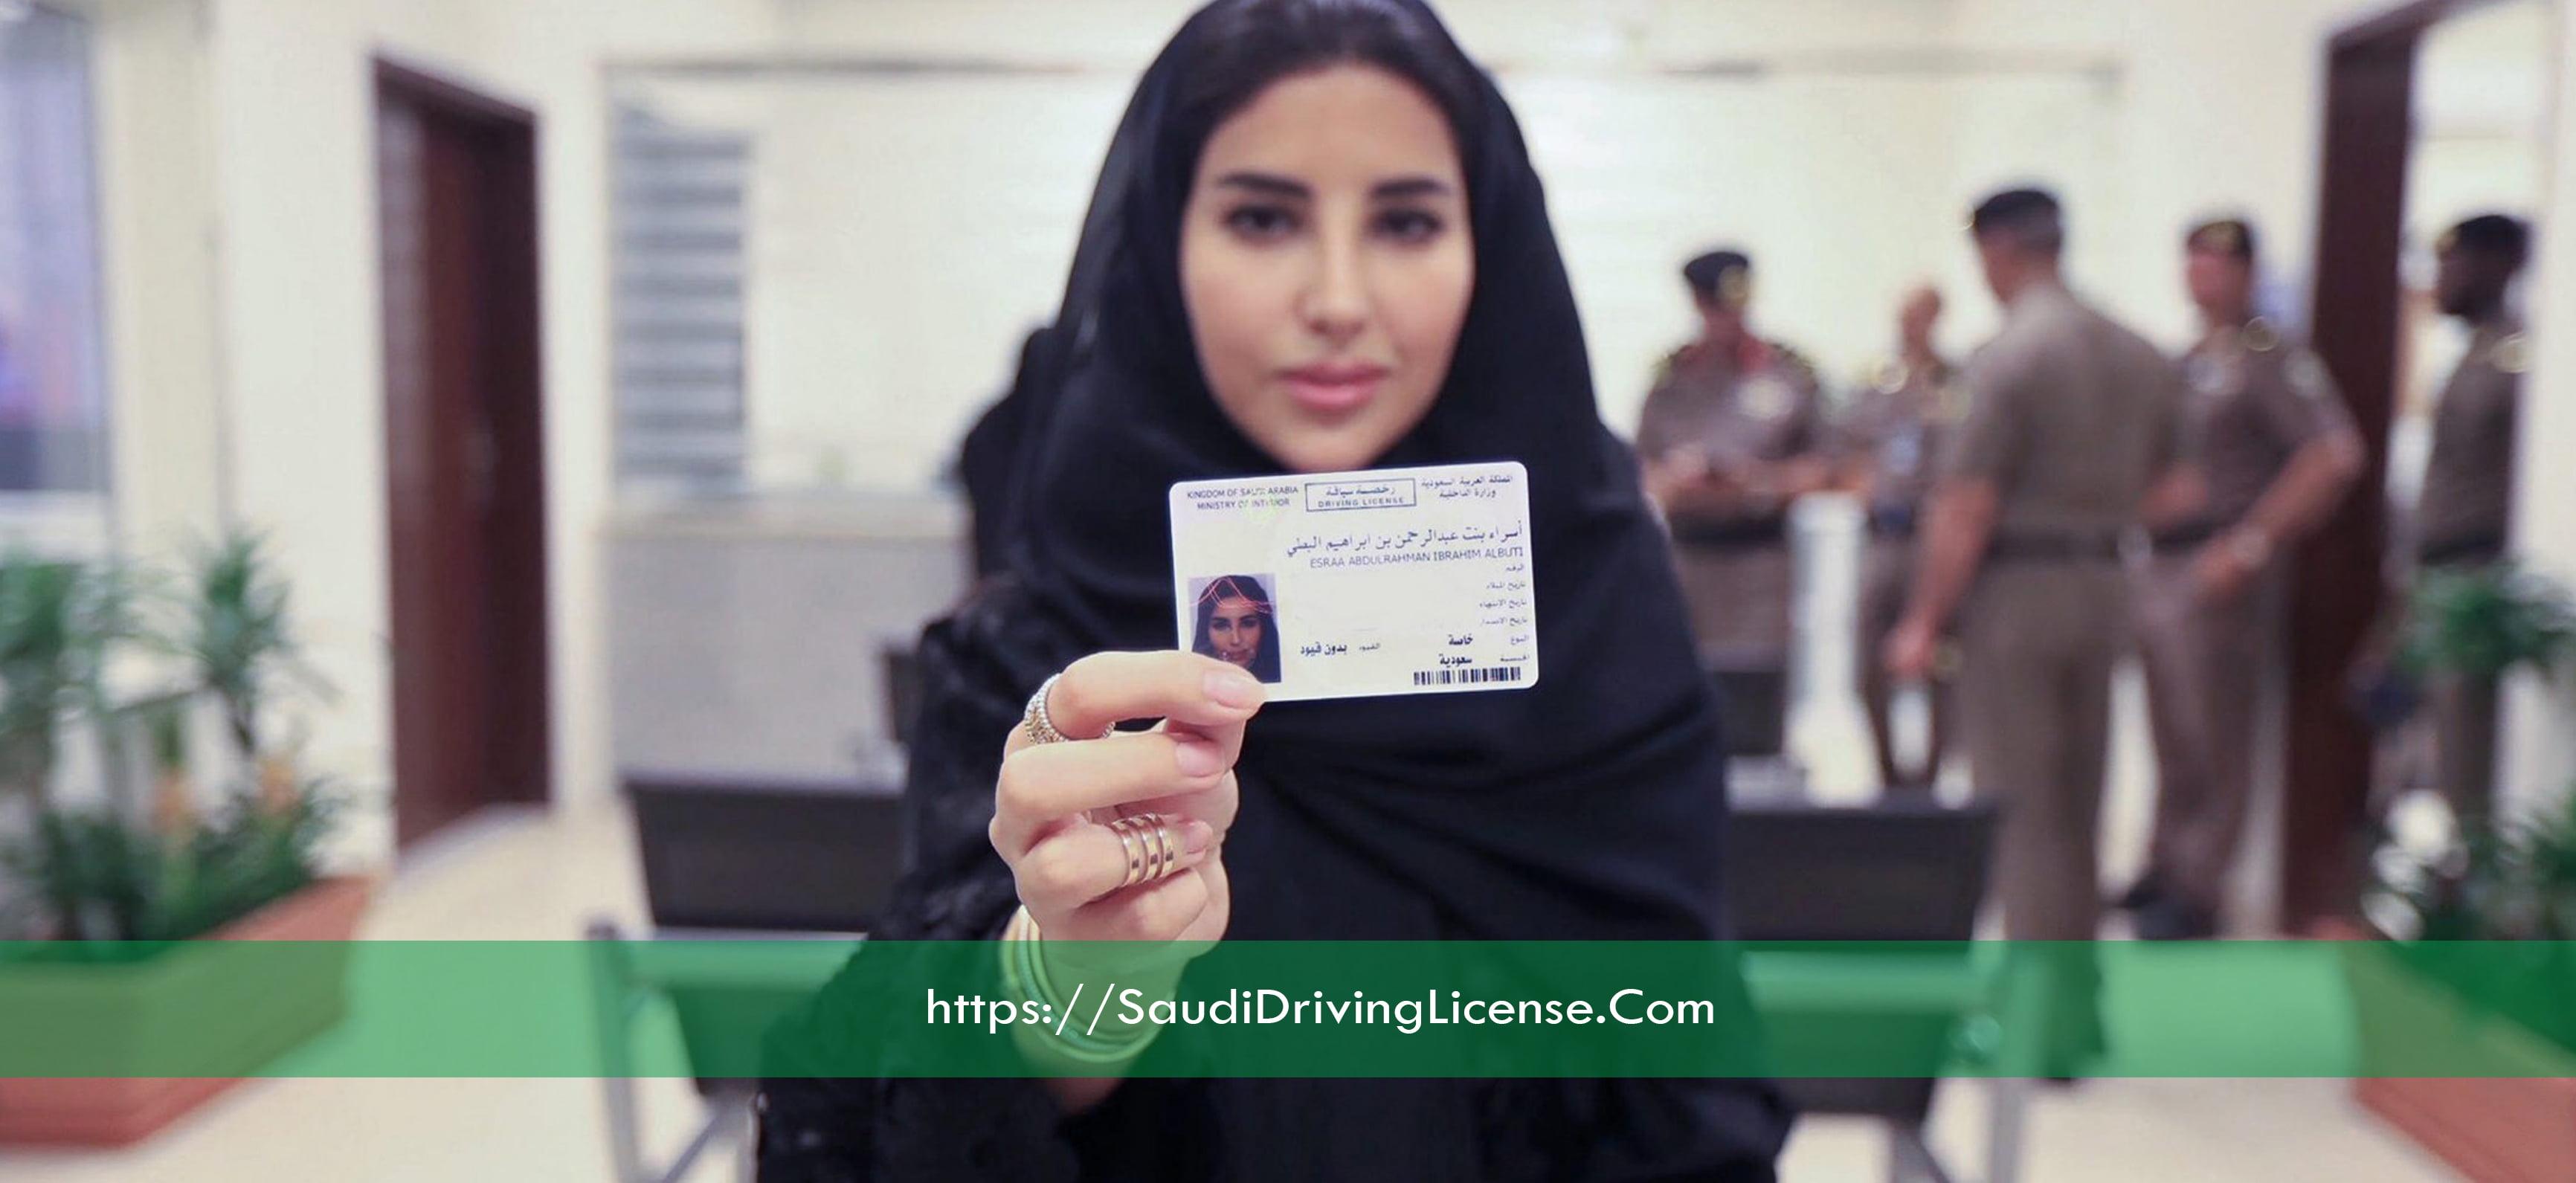 الرخصة السعودية و رخصة القيادة السعودية